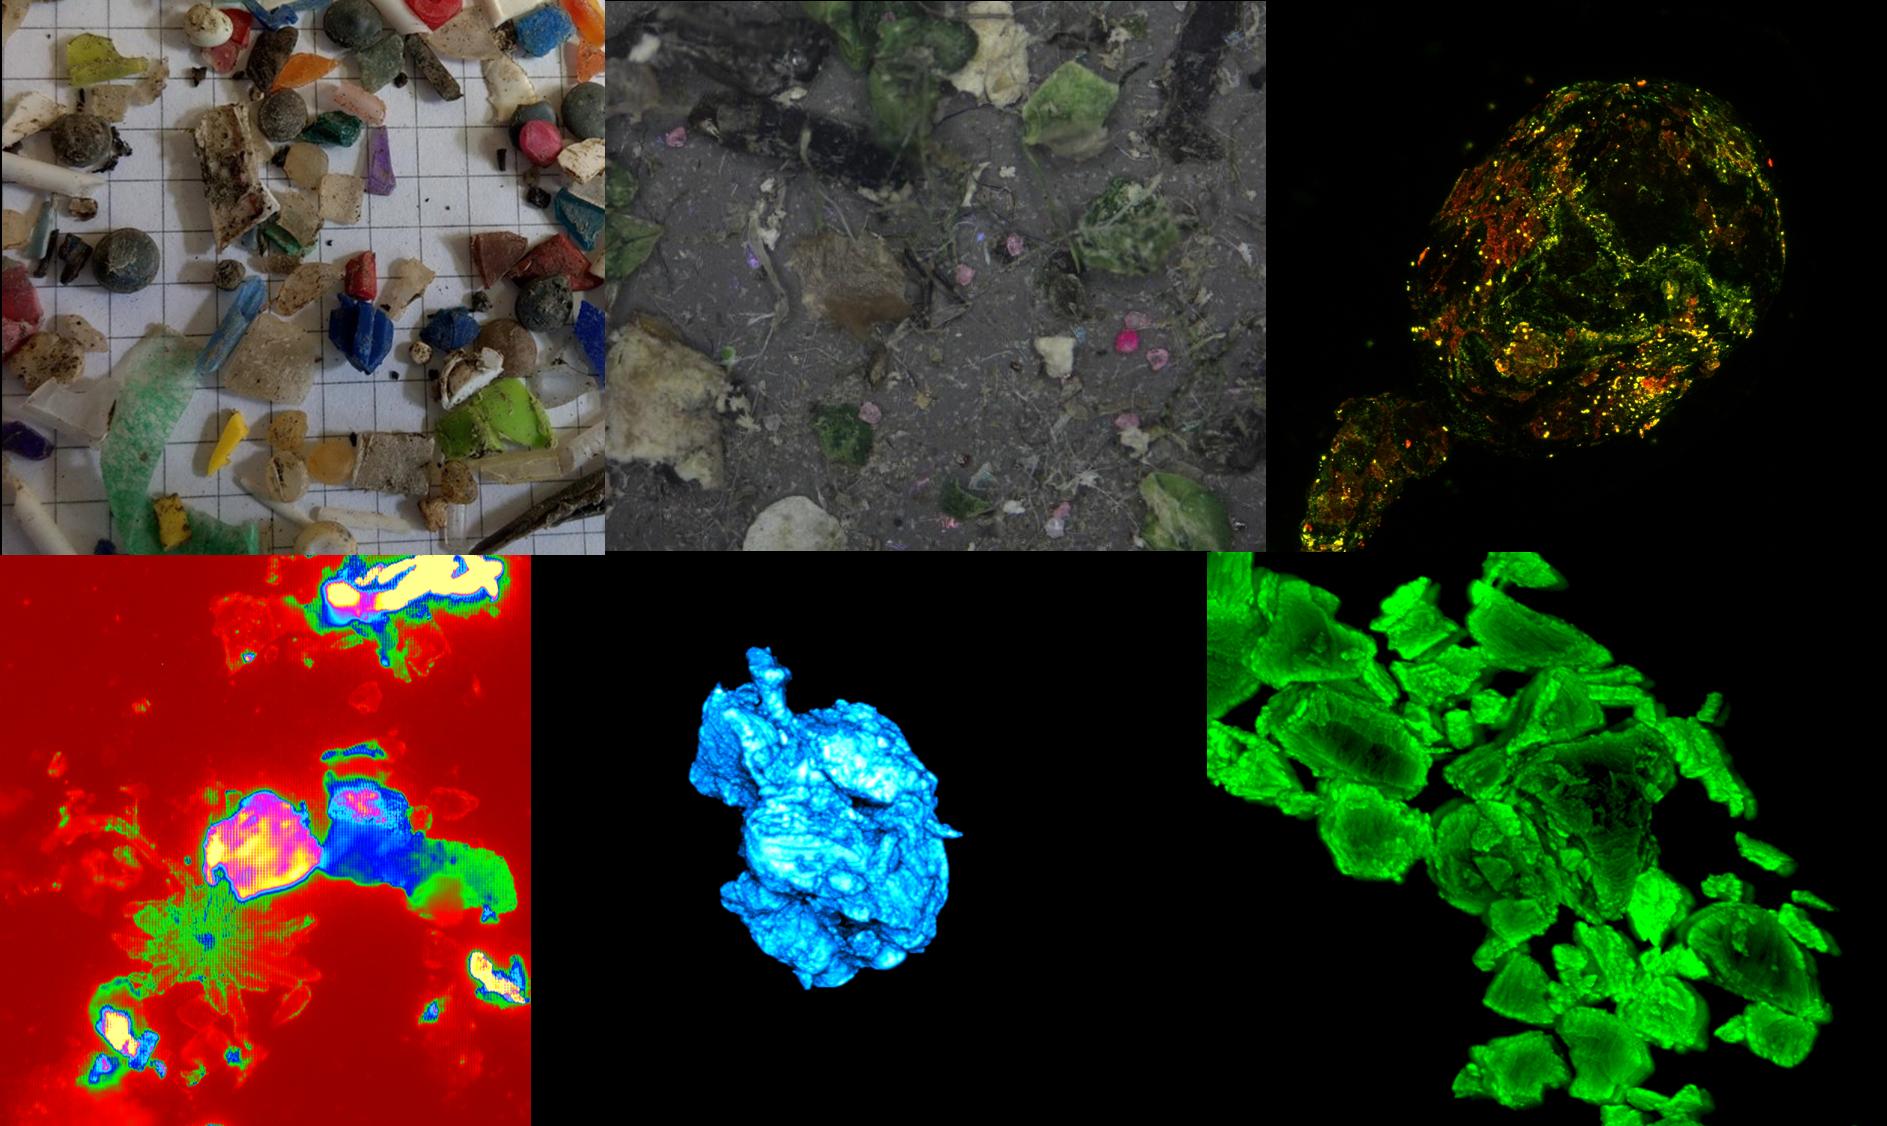 Mikroplastikpartikel werden immer noch rein visuell ausgewertet. Mit Wasser 3.0 detect möchten wir die Fehler minimieren und die Handlungsfähigkeit erhöhen.